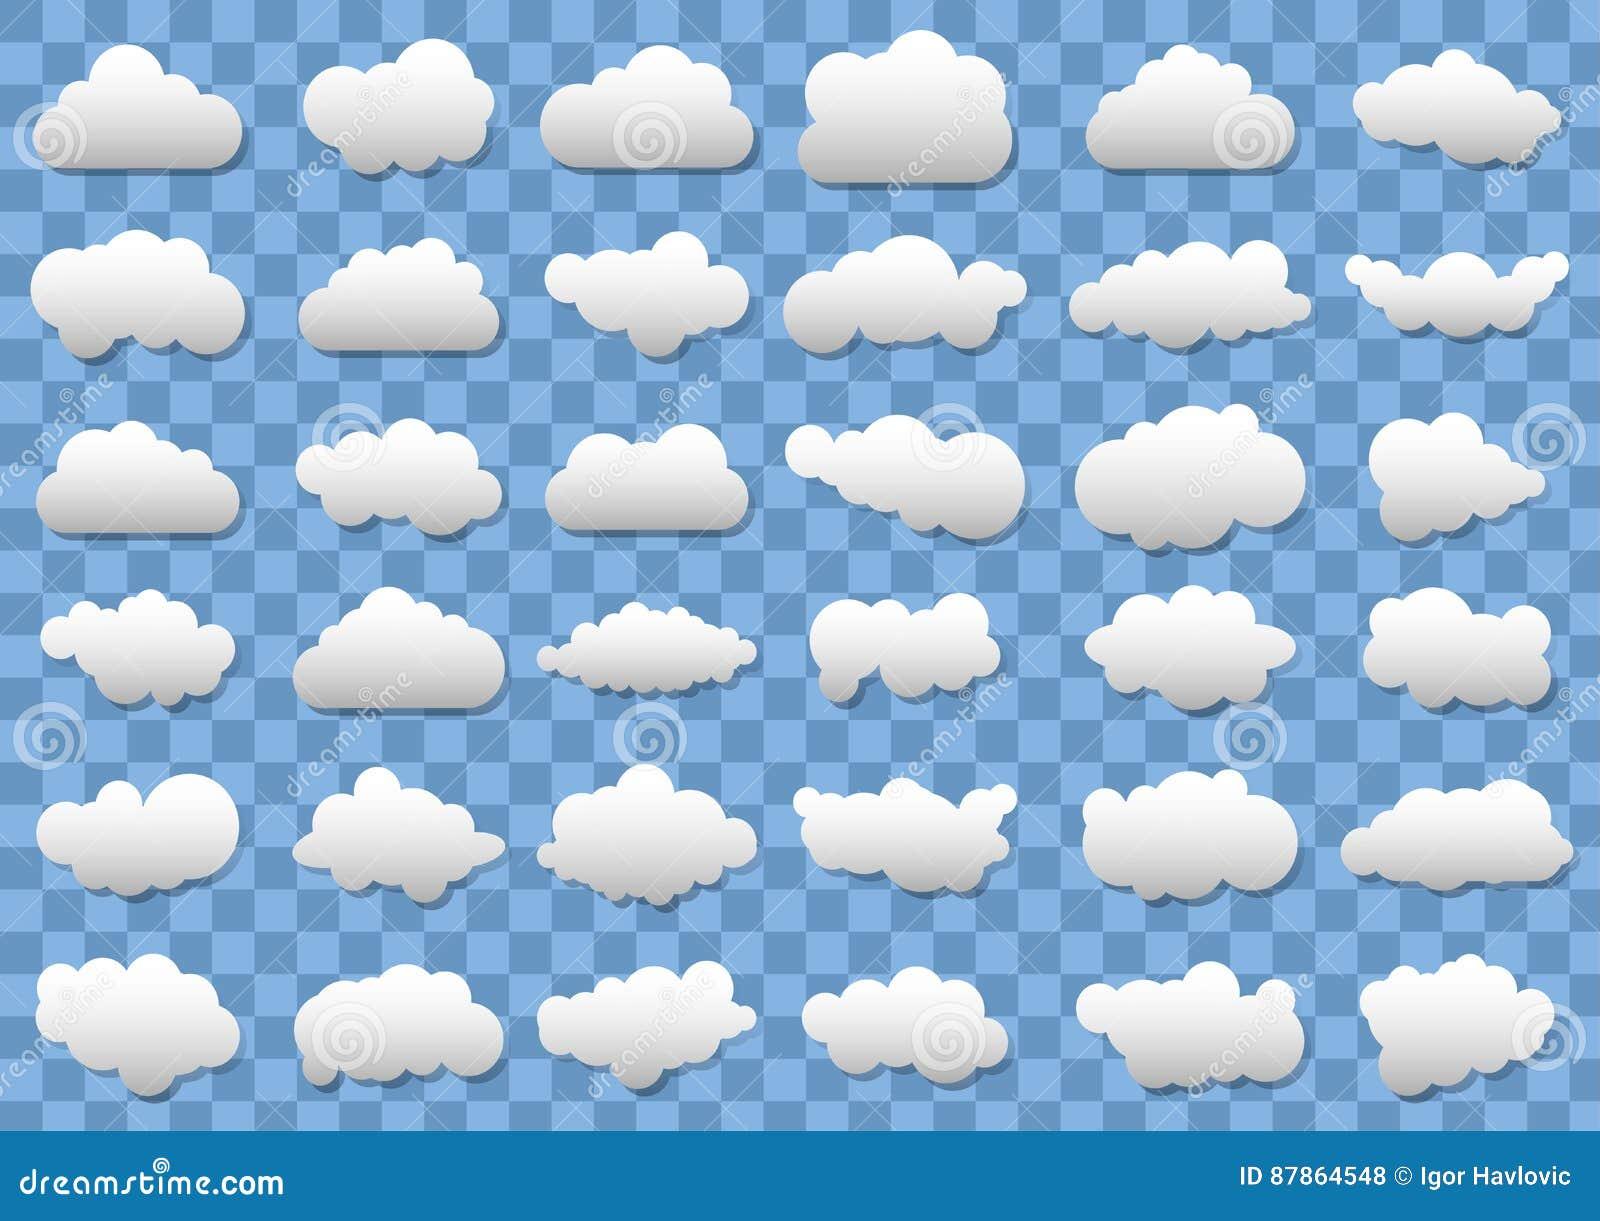 在透明蓝色背景的云彩象 36朵不同传染媒介云彩 向量云彩